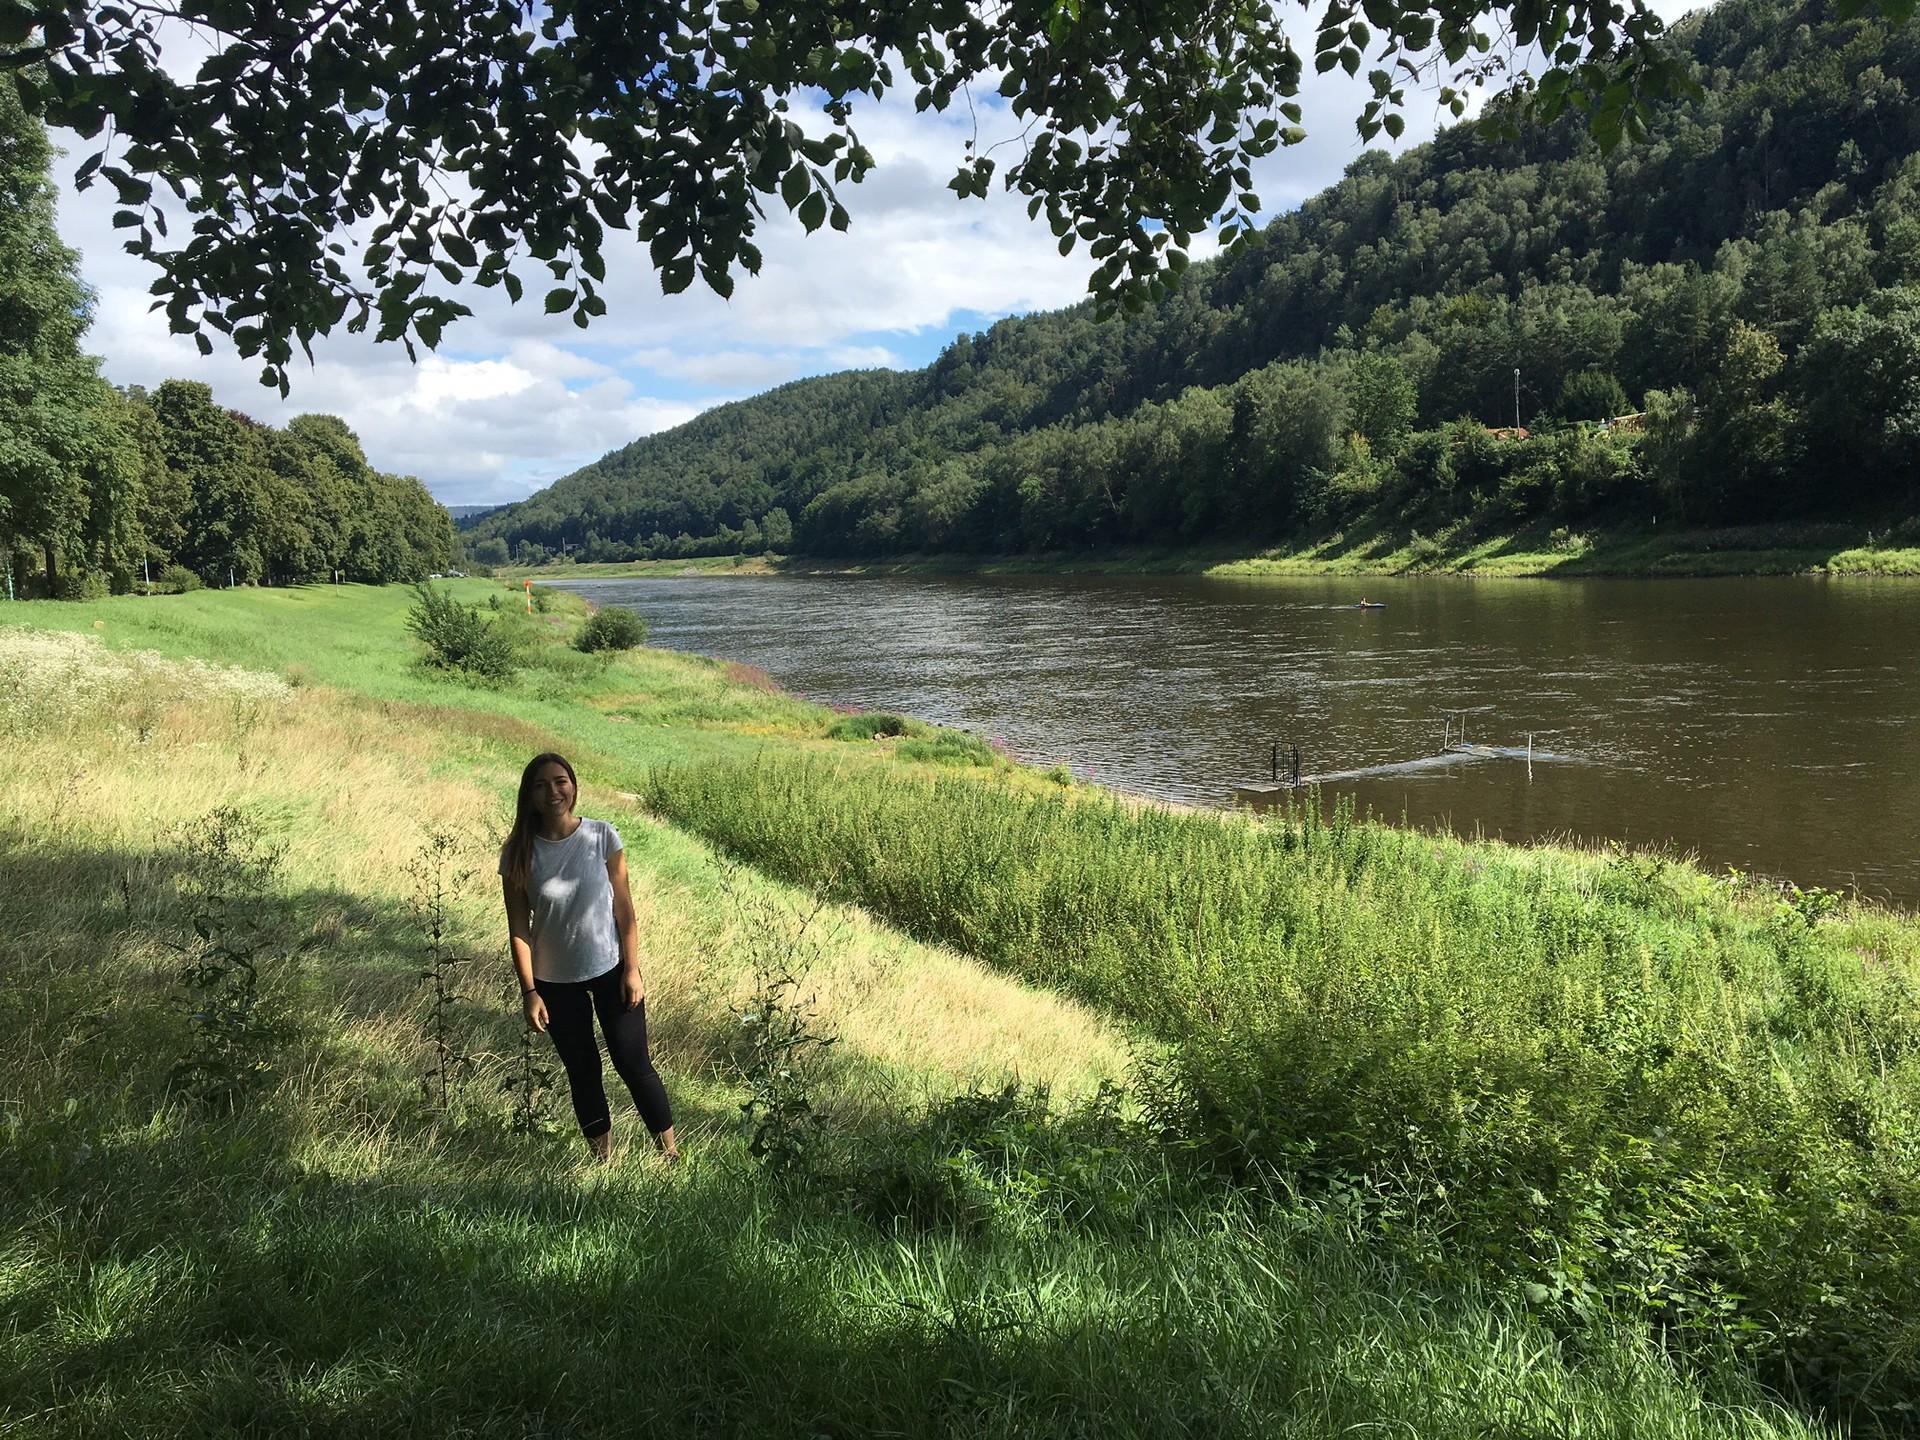 Sächsische Schweiz, un rincón escondido en pleno Corazón de Europa